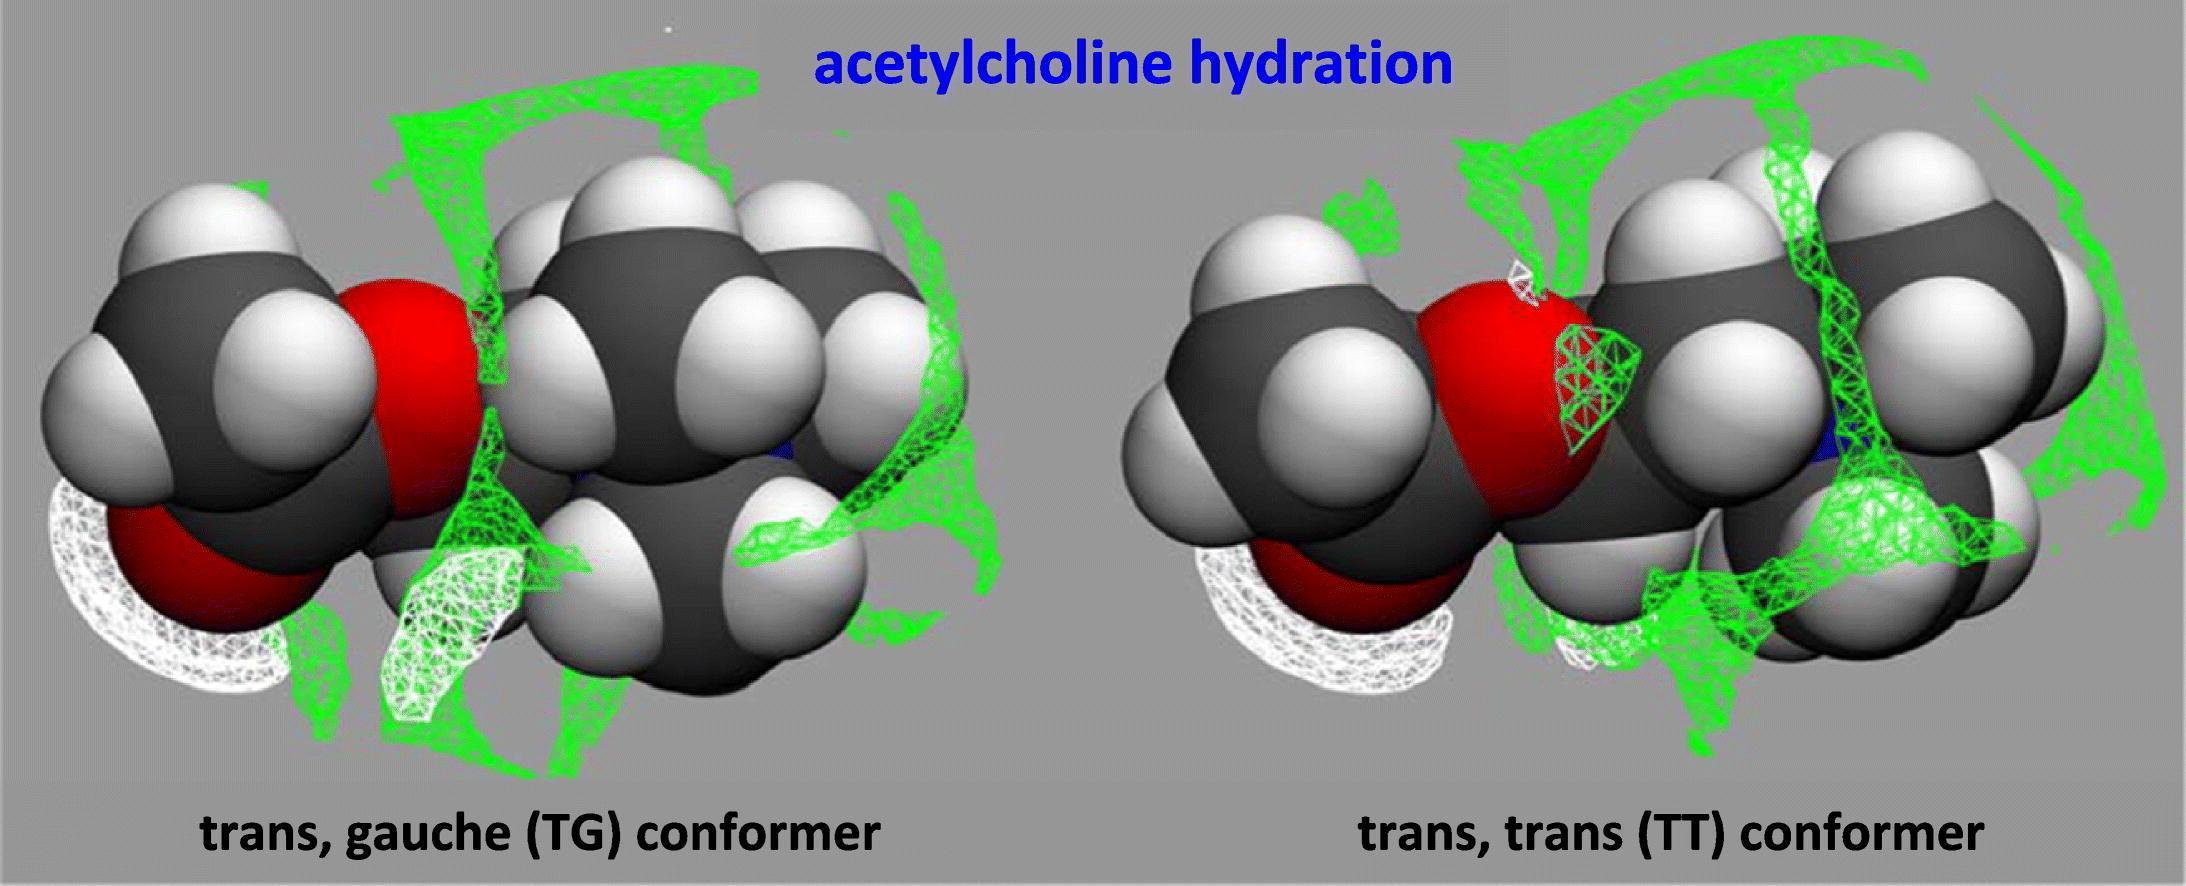 Ацетилхолин «вывели на чистую воду»